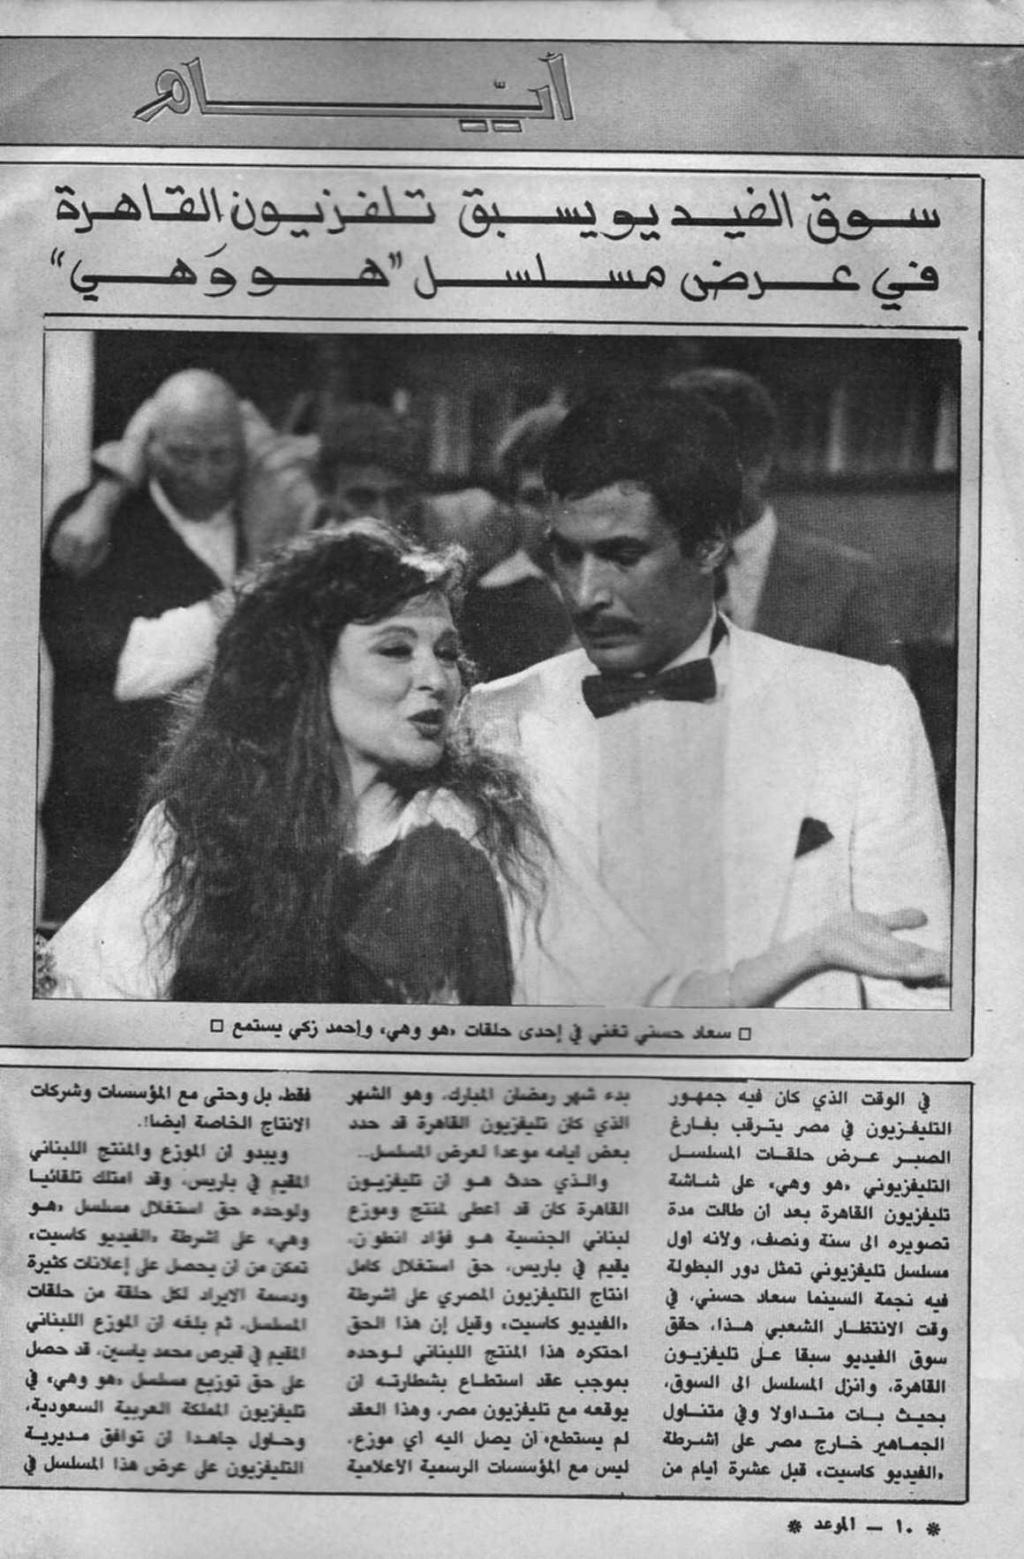 """مقال صحفي : سوق الفيديو يسبق تلفزيون القاهرة في عرض مسلسل """"هو وهي"""" 1985 م 1_aoay10"""